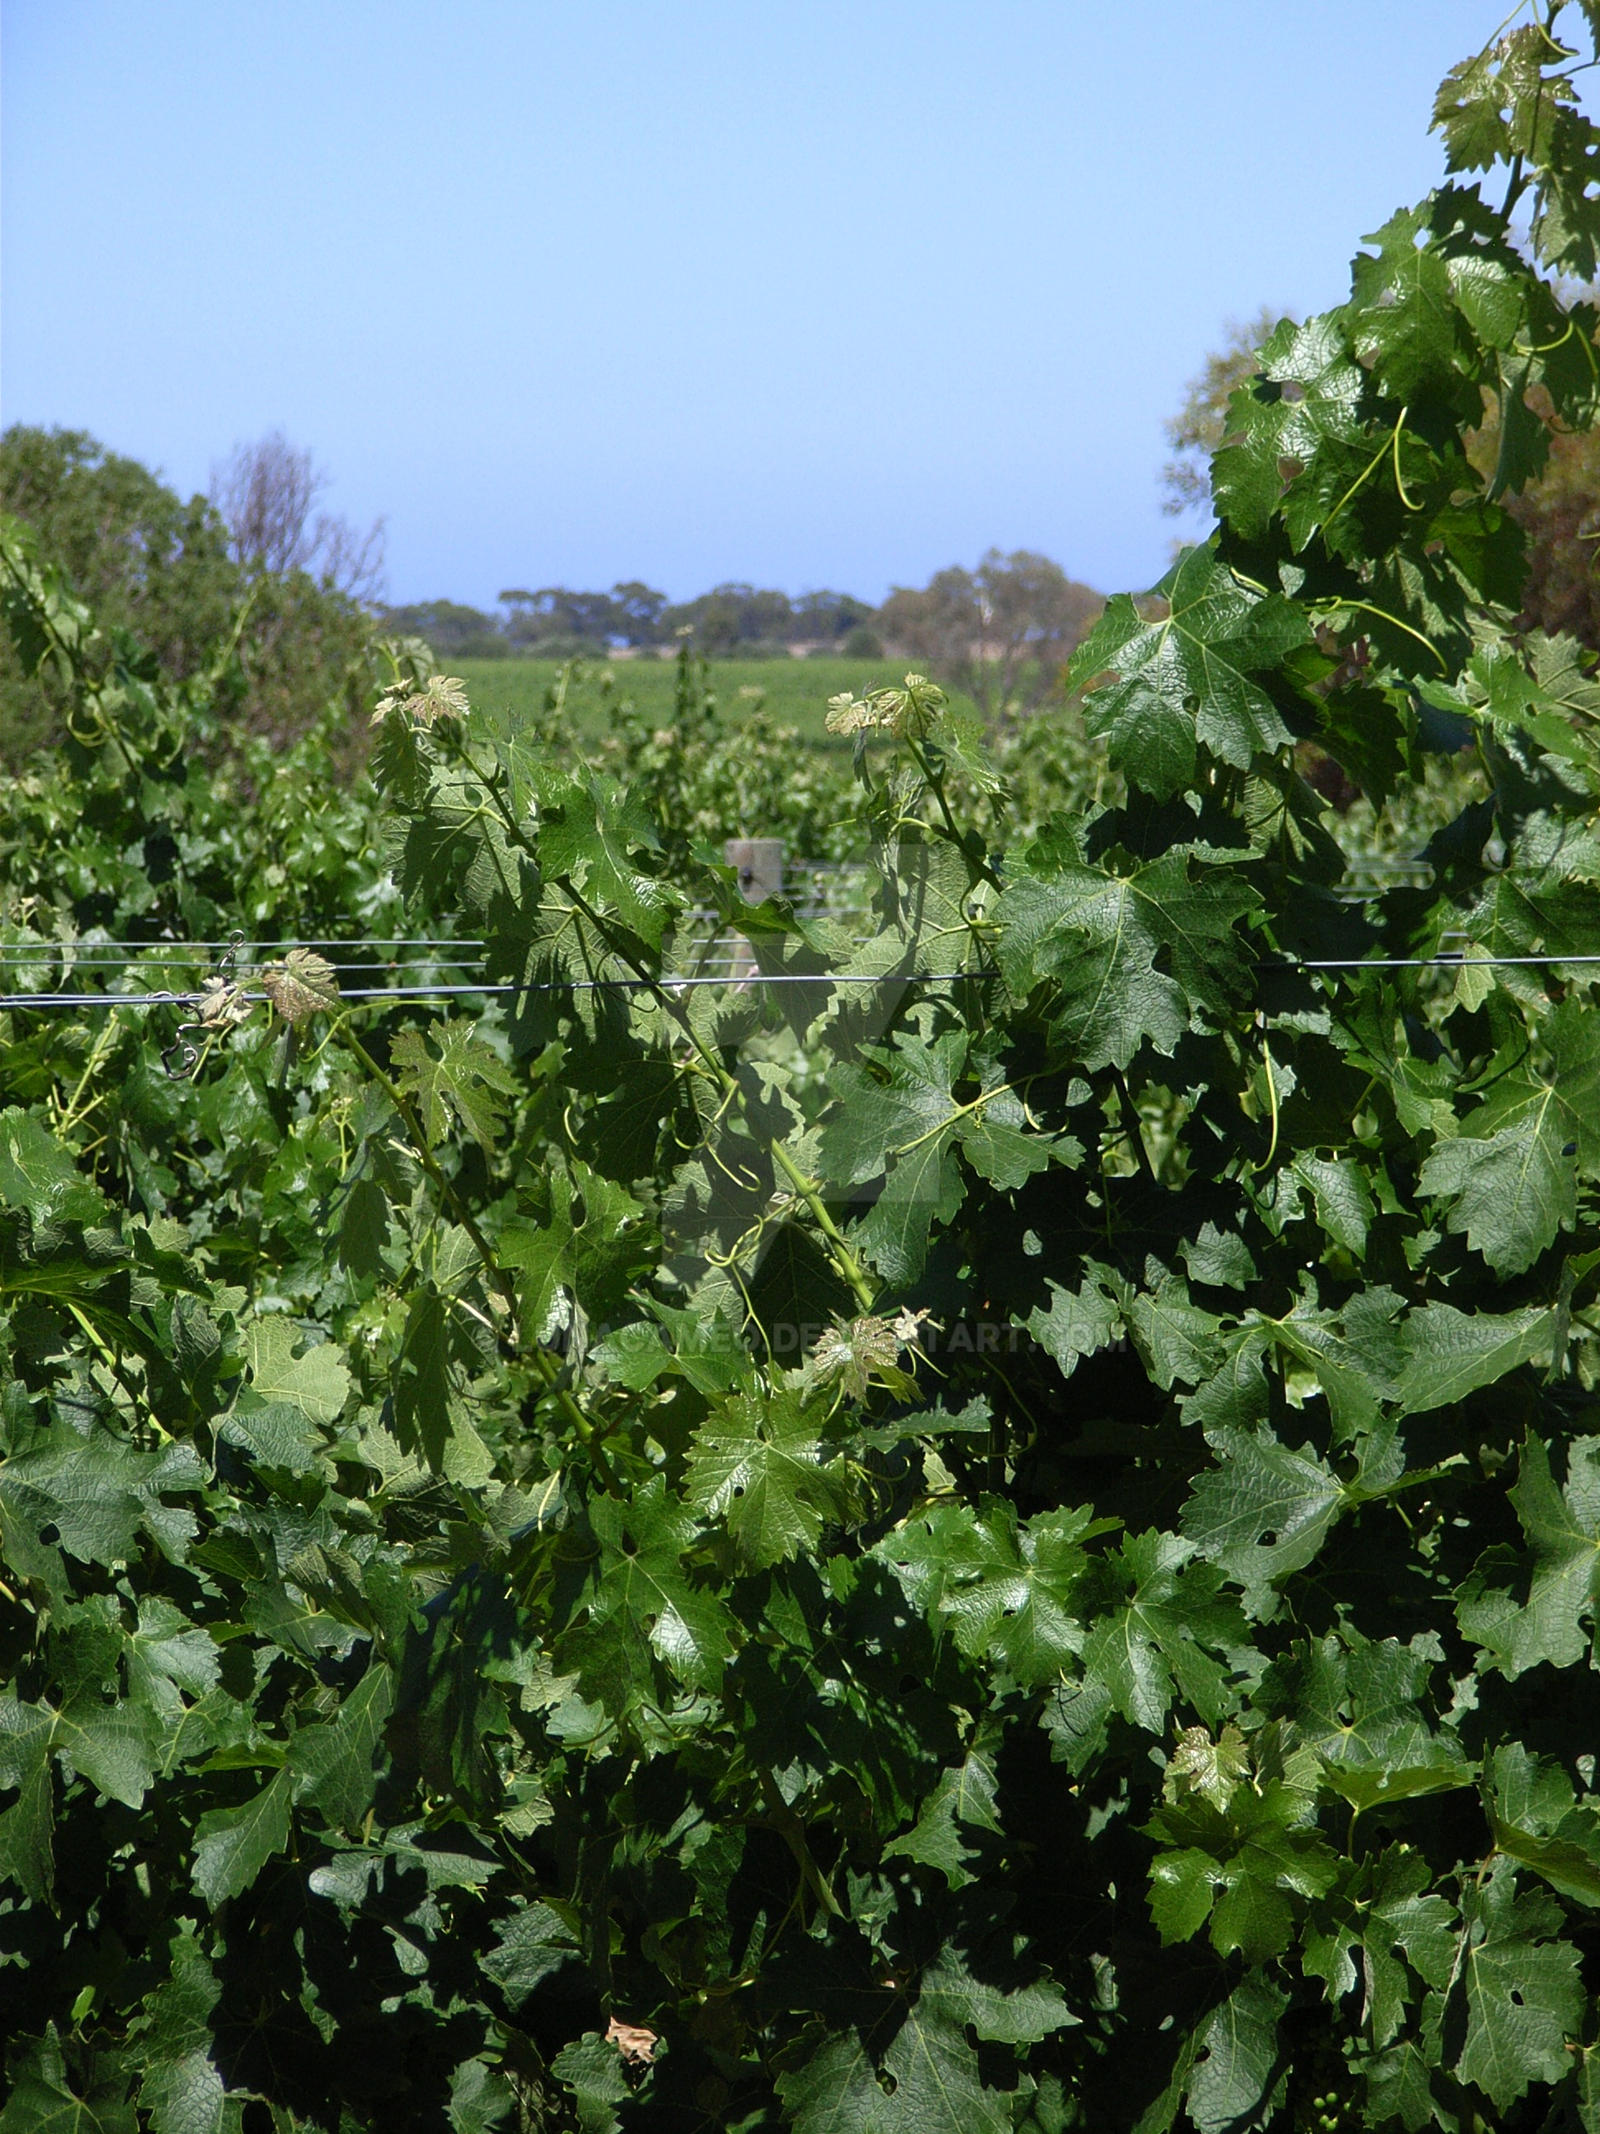 Vineyard Green